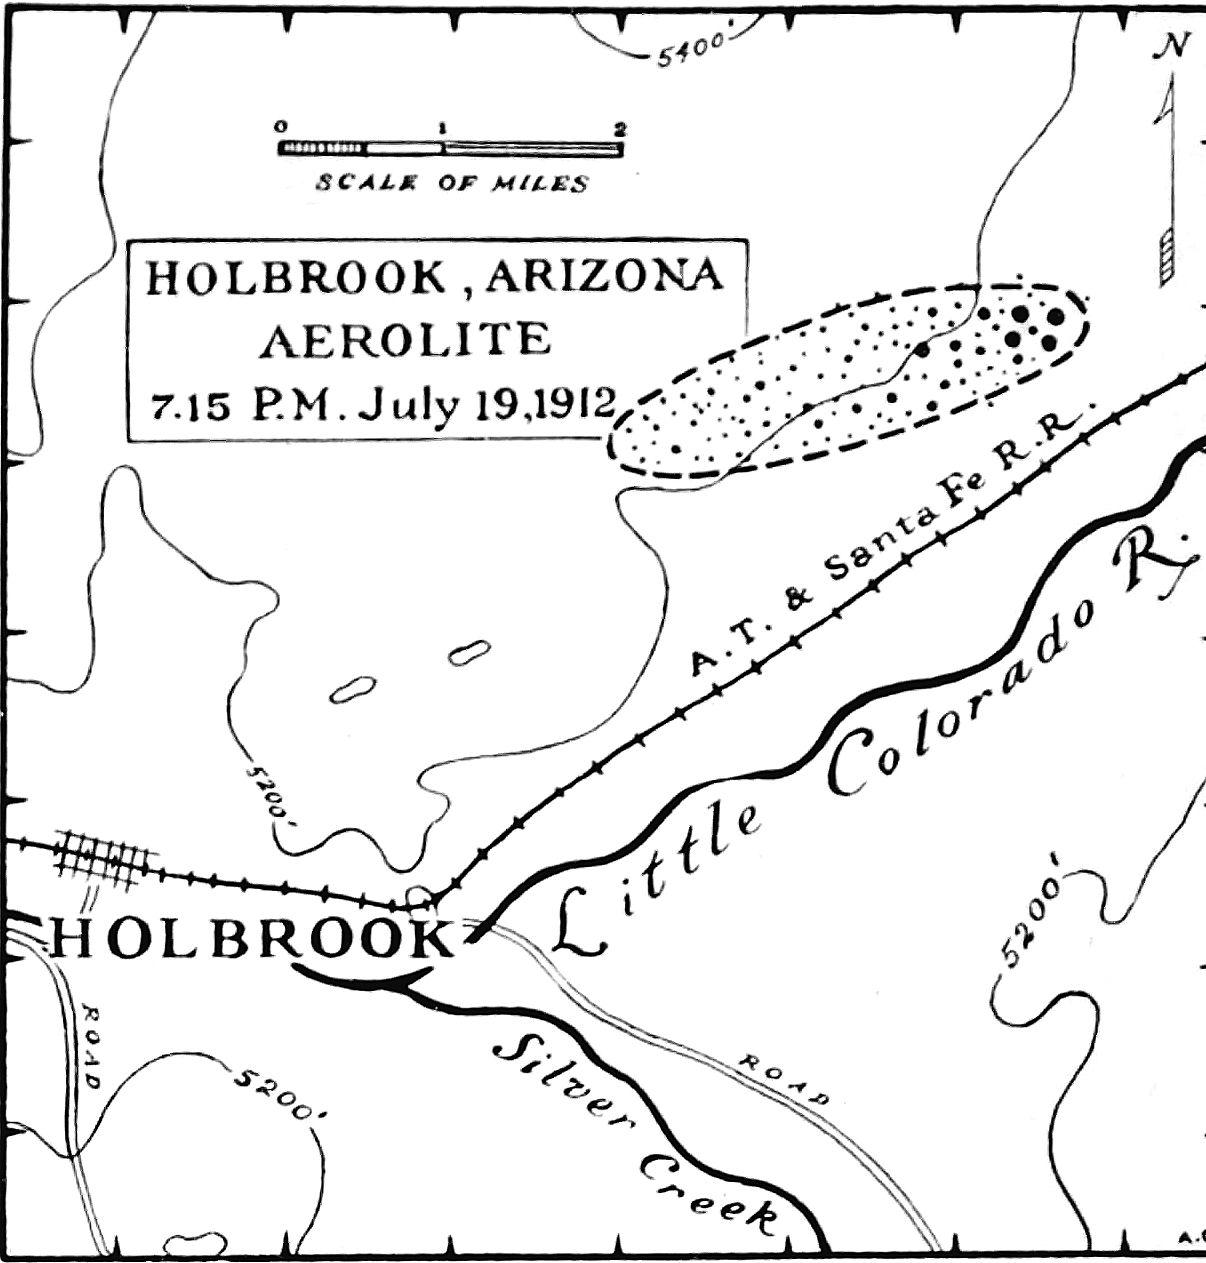 Holbrook strewnfield